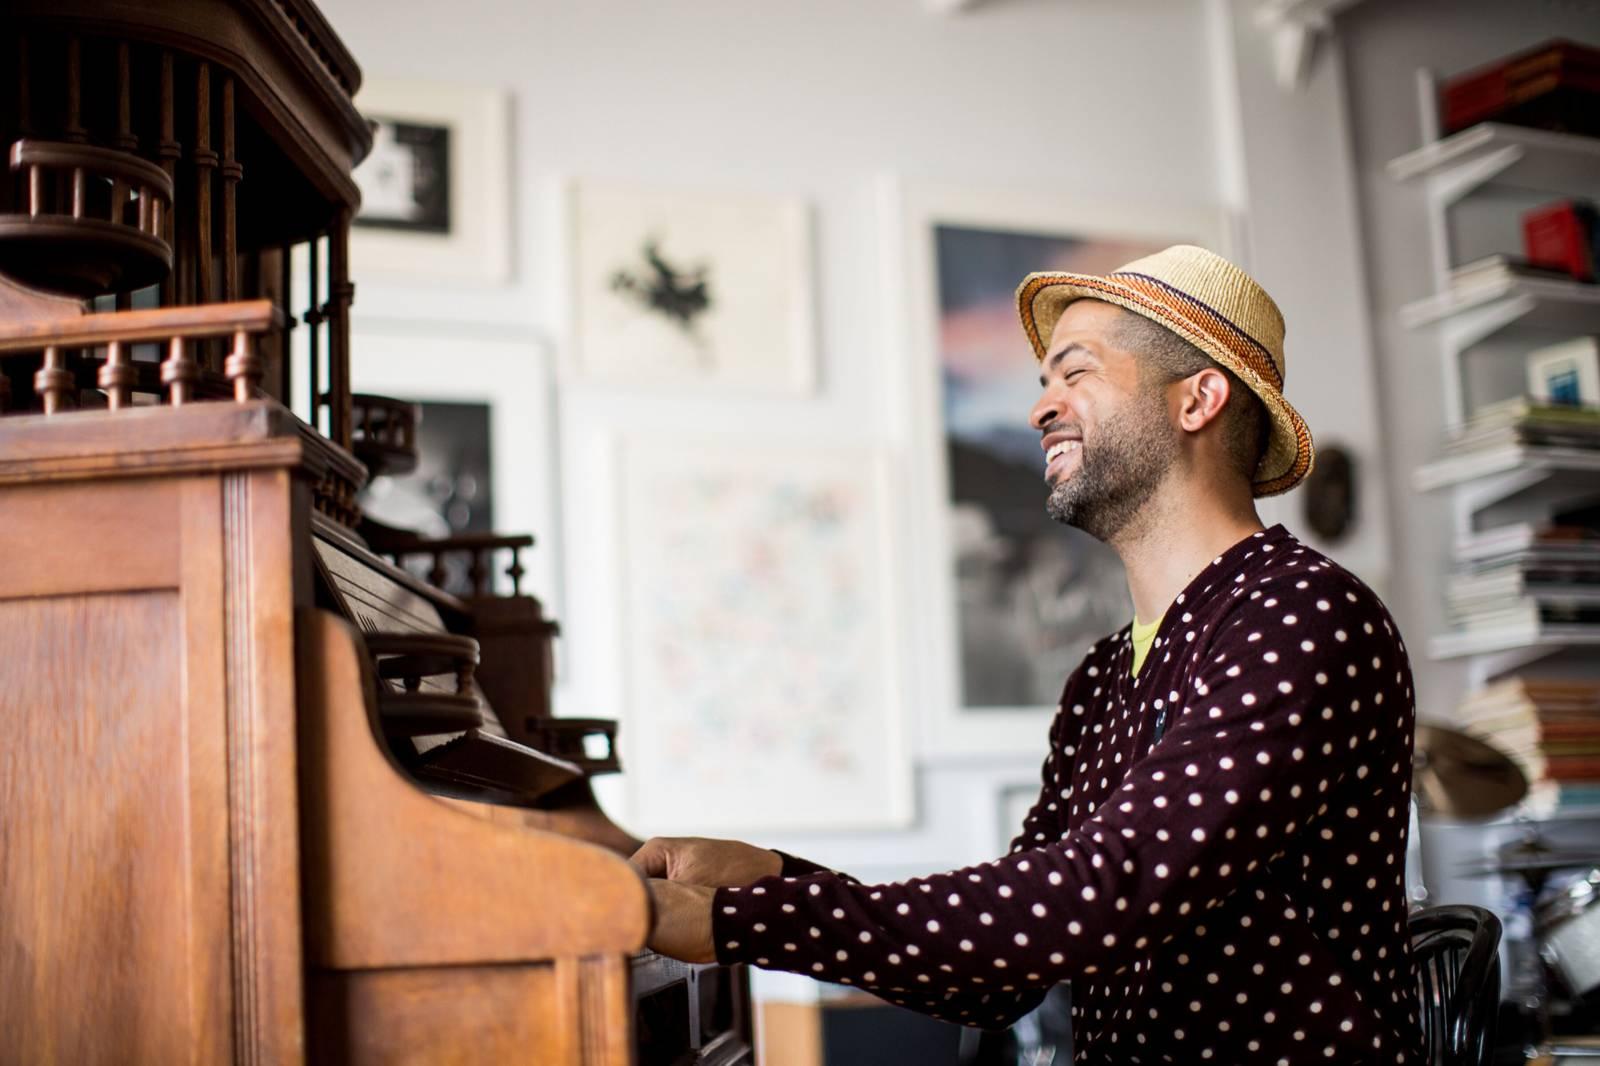 JazzFestBrno zveřejnil kompletní program. Přijedou Jason Moran, Erik Truffaz nebo Nubya Garcia